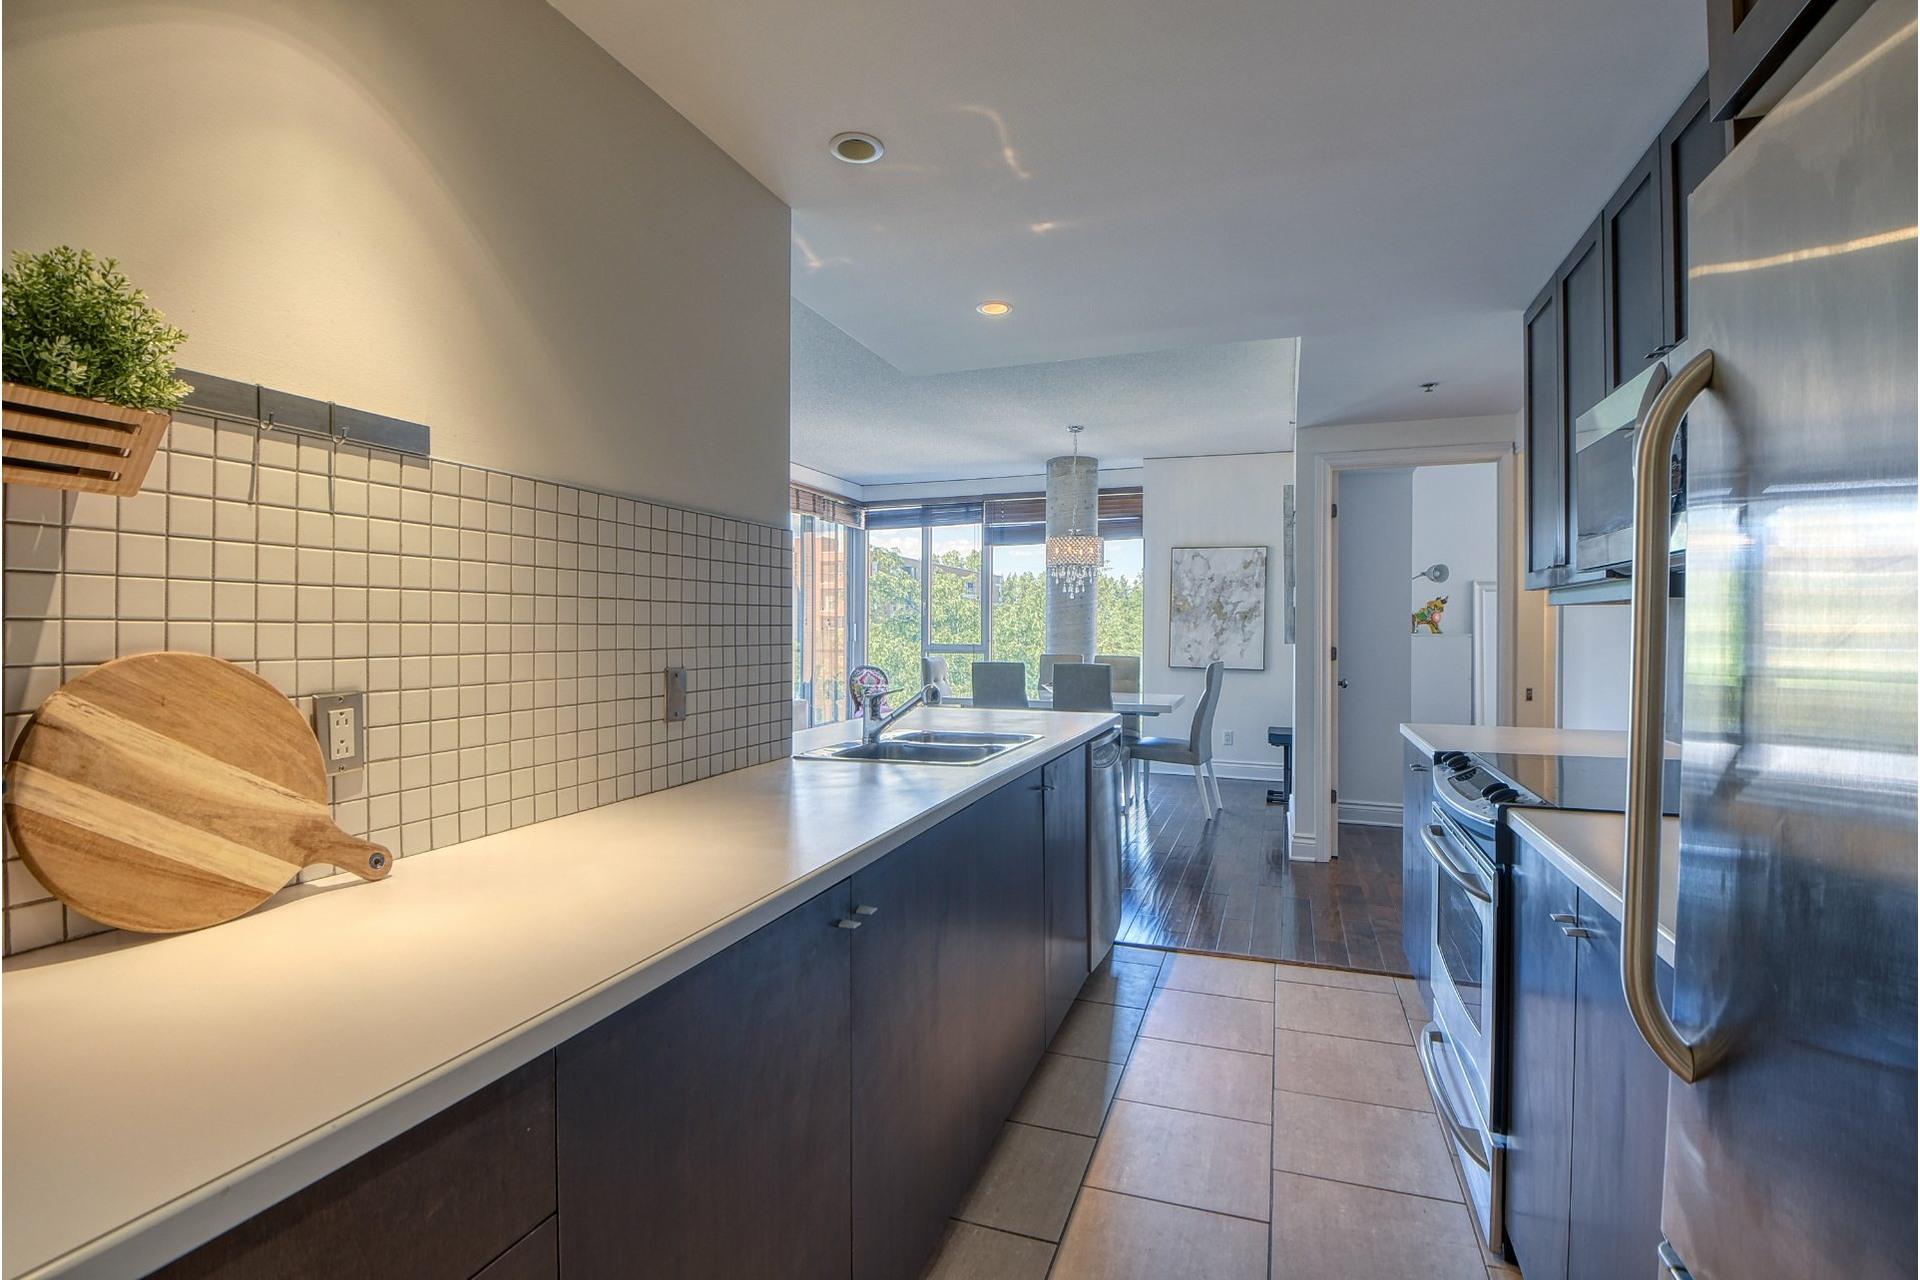 image 7 - Apartment For rent Verdun/Île-des-Soeurs Montréal  - 6 rooms